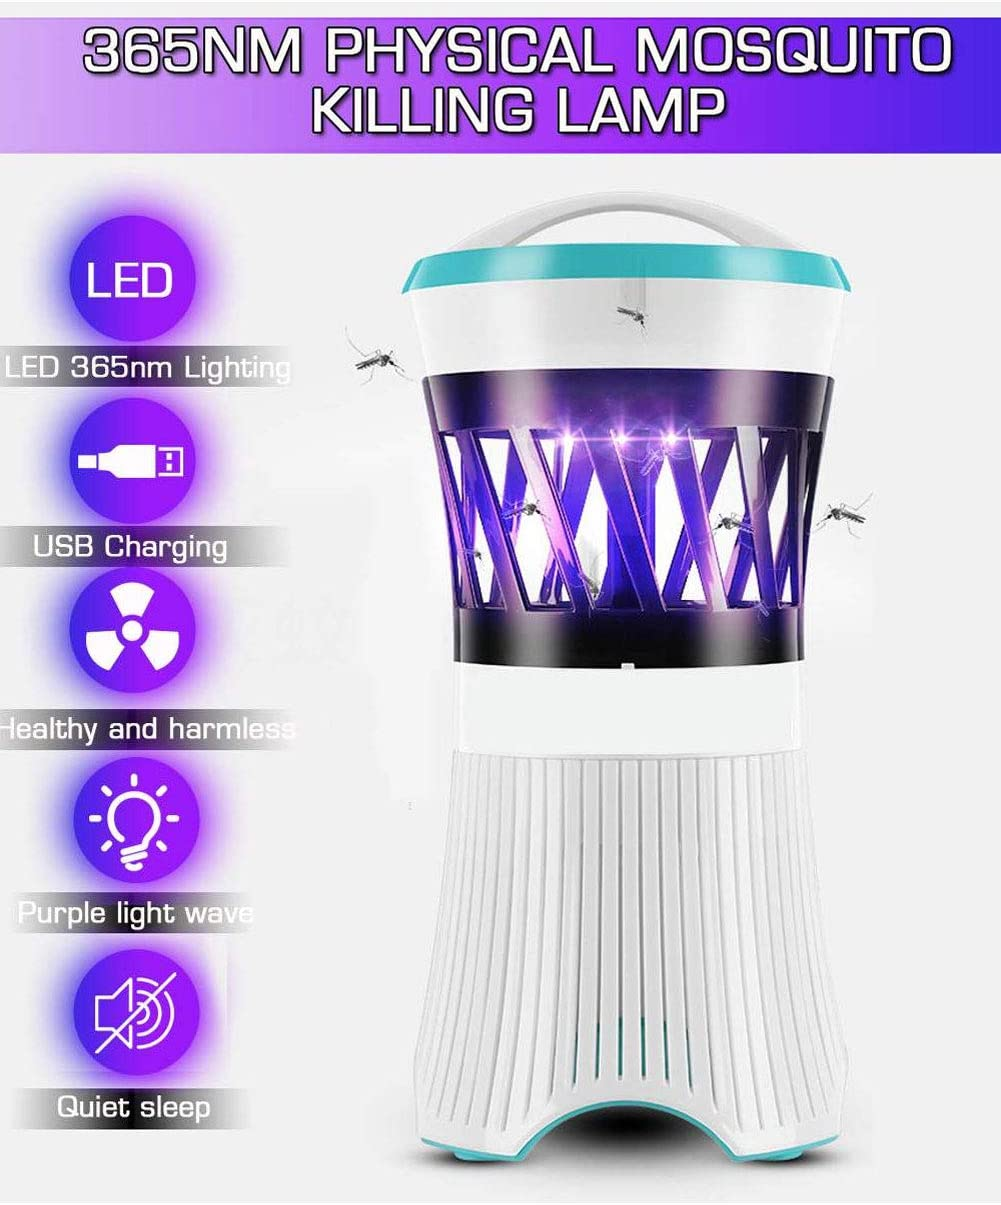 Lampada da Zanzariera Portatile Anti-zanzara Lanterna LED, USB Ammazza Zanzare Bug Zapper for Home Bedroom Baby Room Kitchen Office Use Elettrica Cacciatore Zanzare Blue